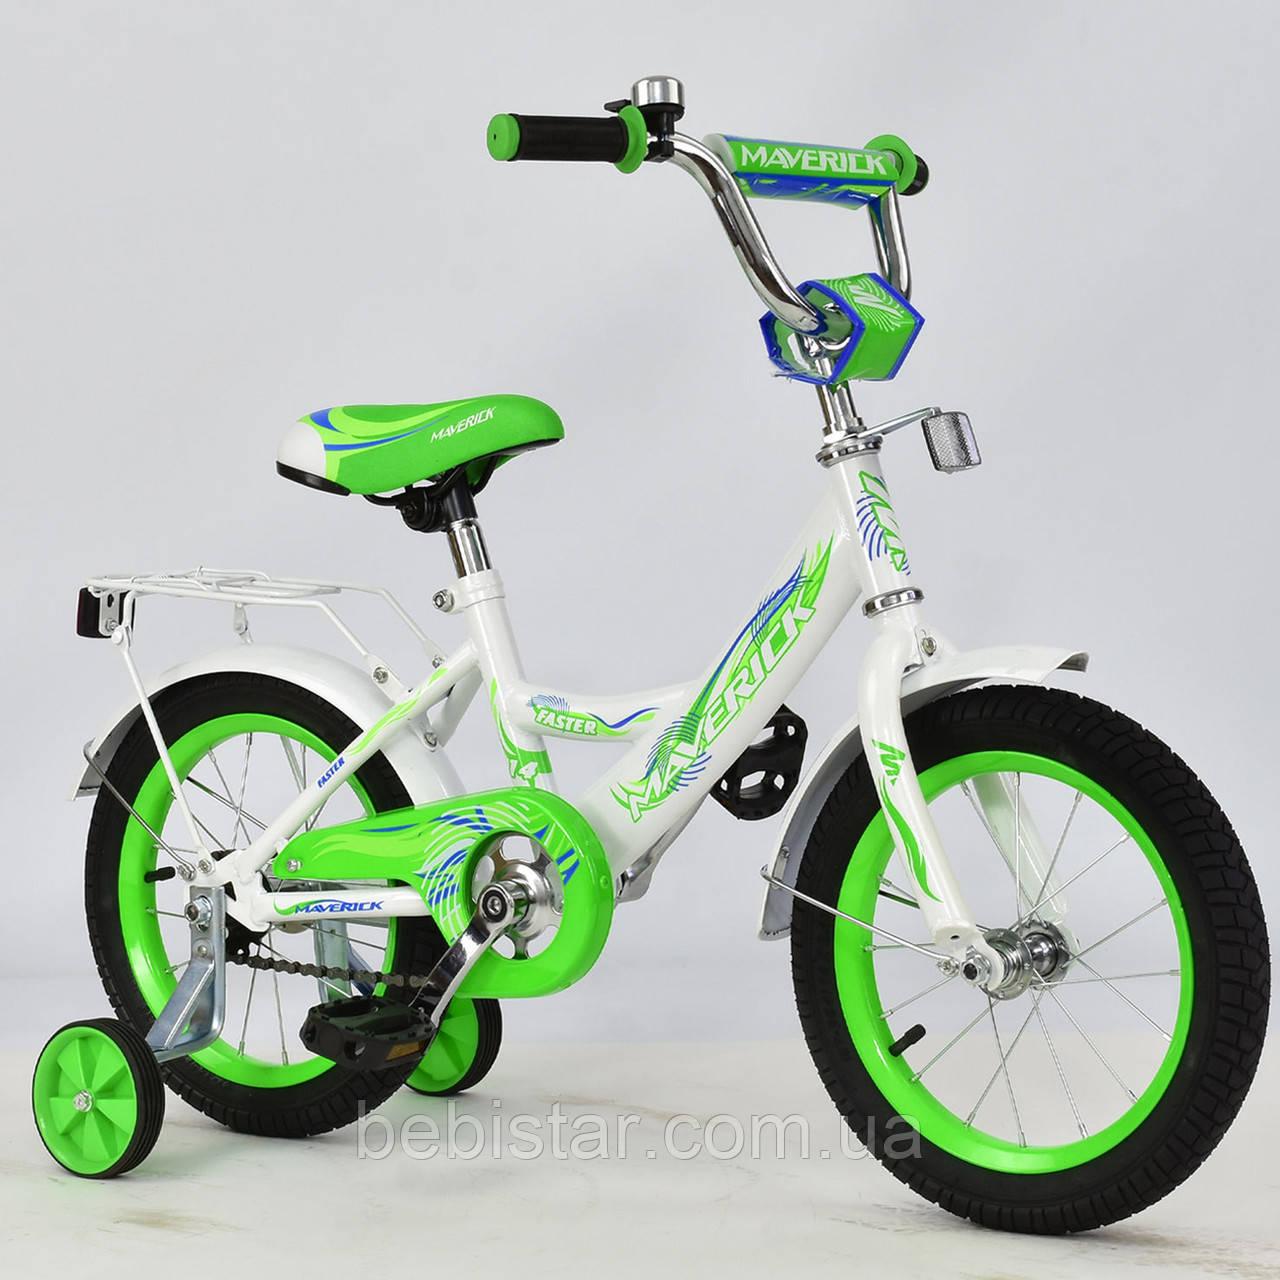 """Двухколесный велосипед Maverick 14"""" R 1406 детям 3-5 лет(без переднего тормоза)цвет белый"""